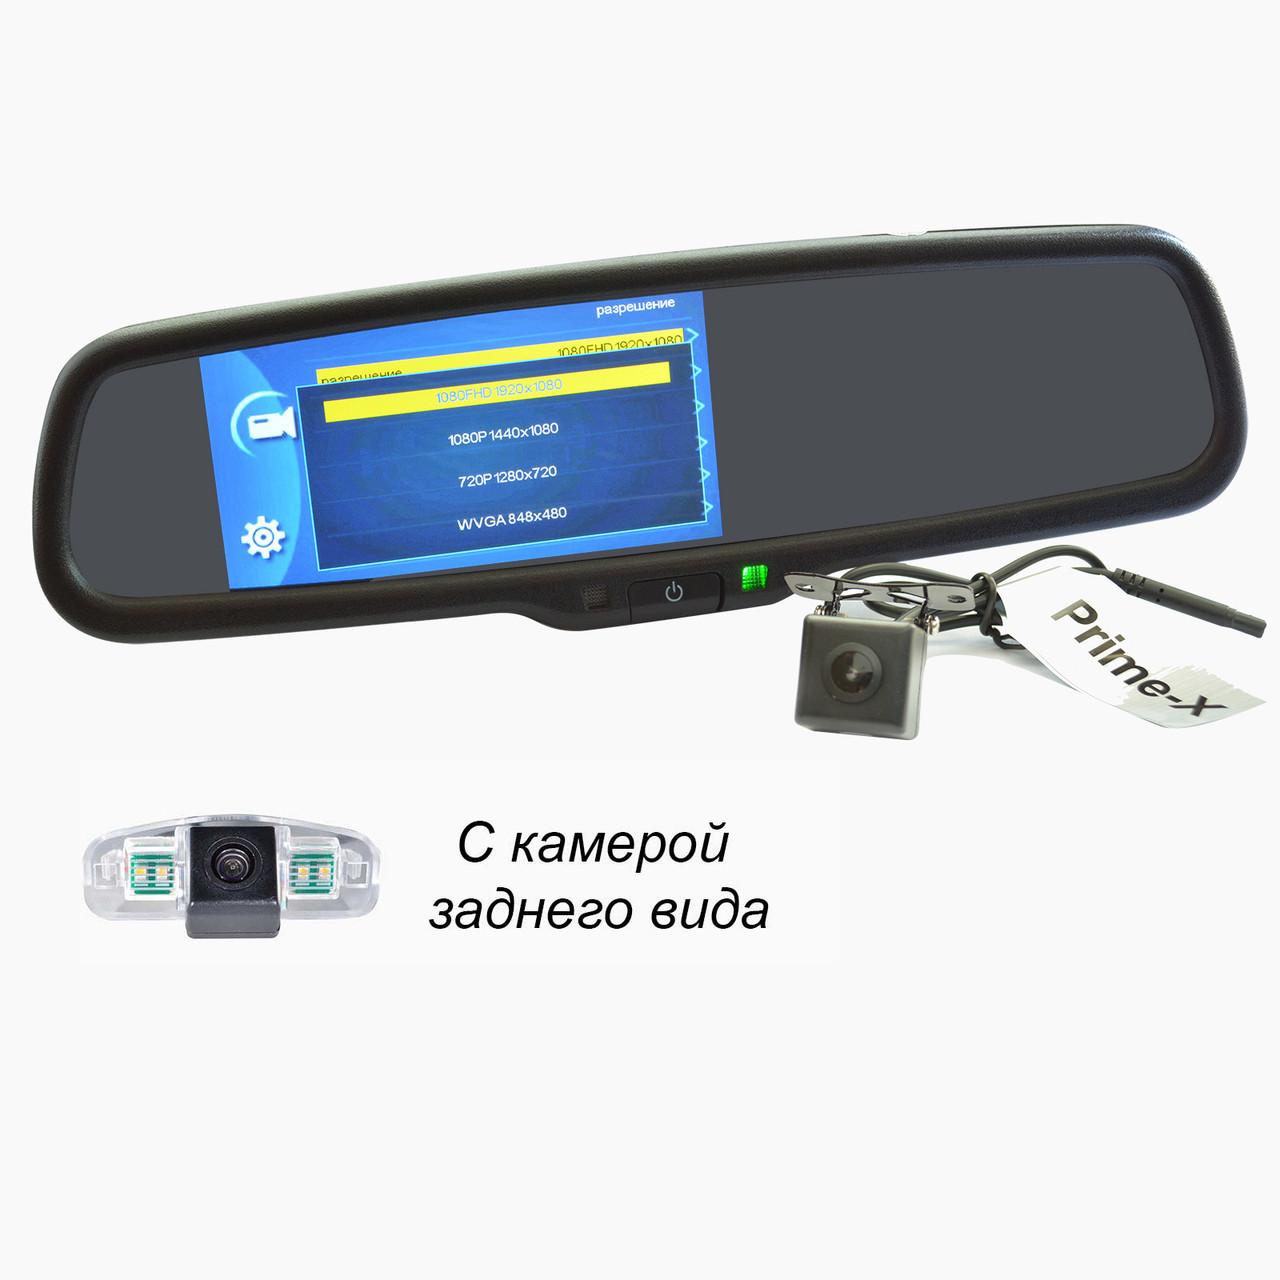 Дзеркало з відеореєстратором Prime-X 050DW Full HD (на штатному кріпленні і камерою)